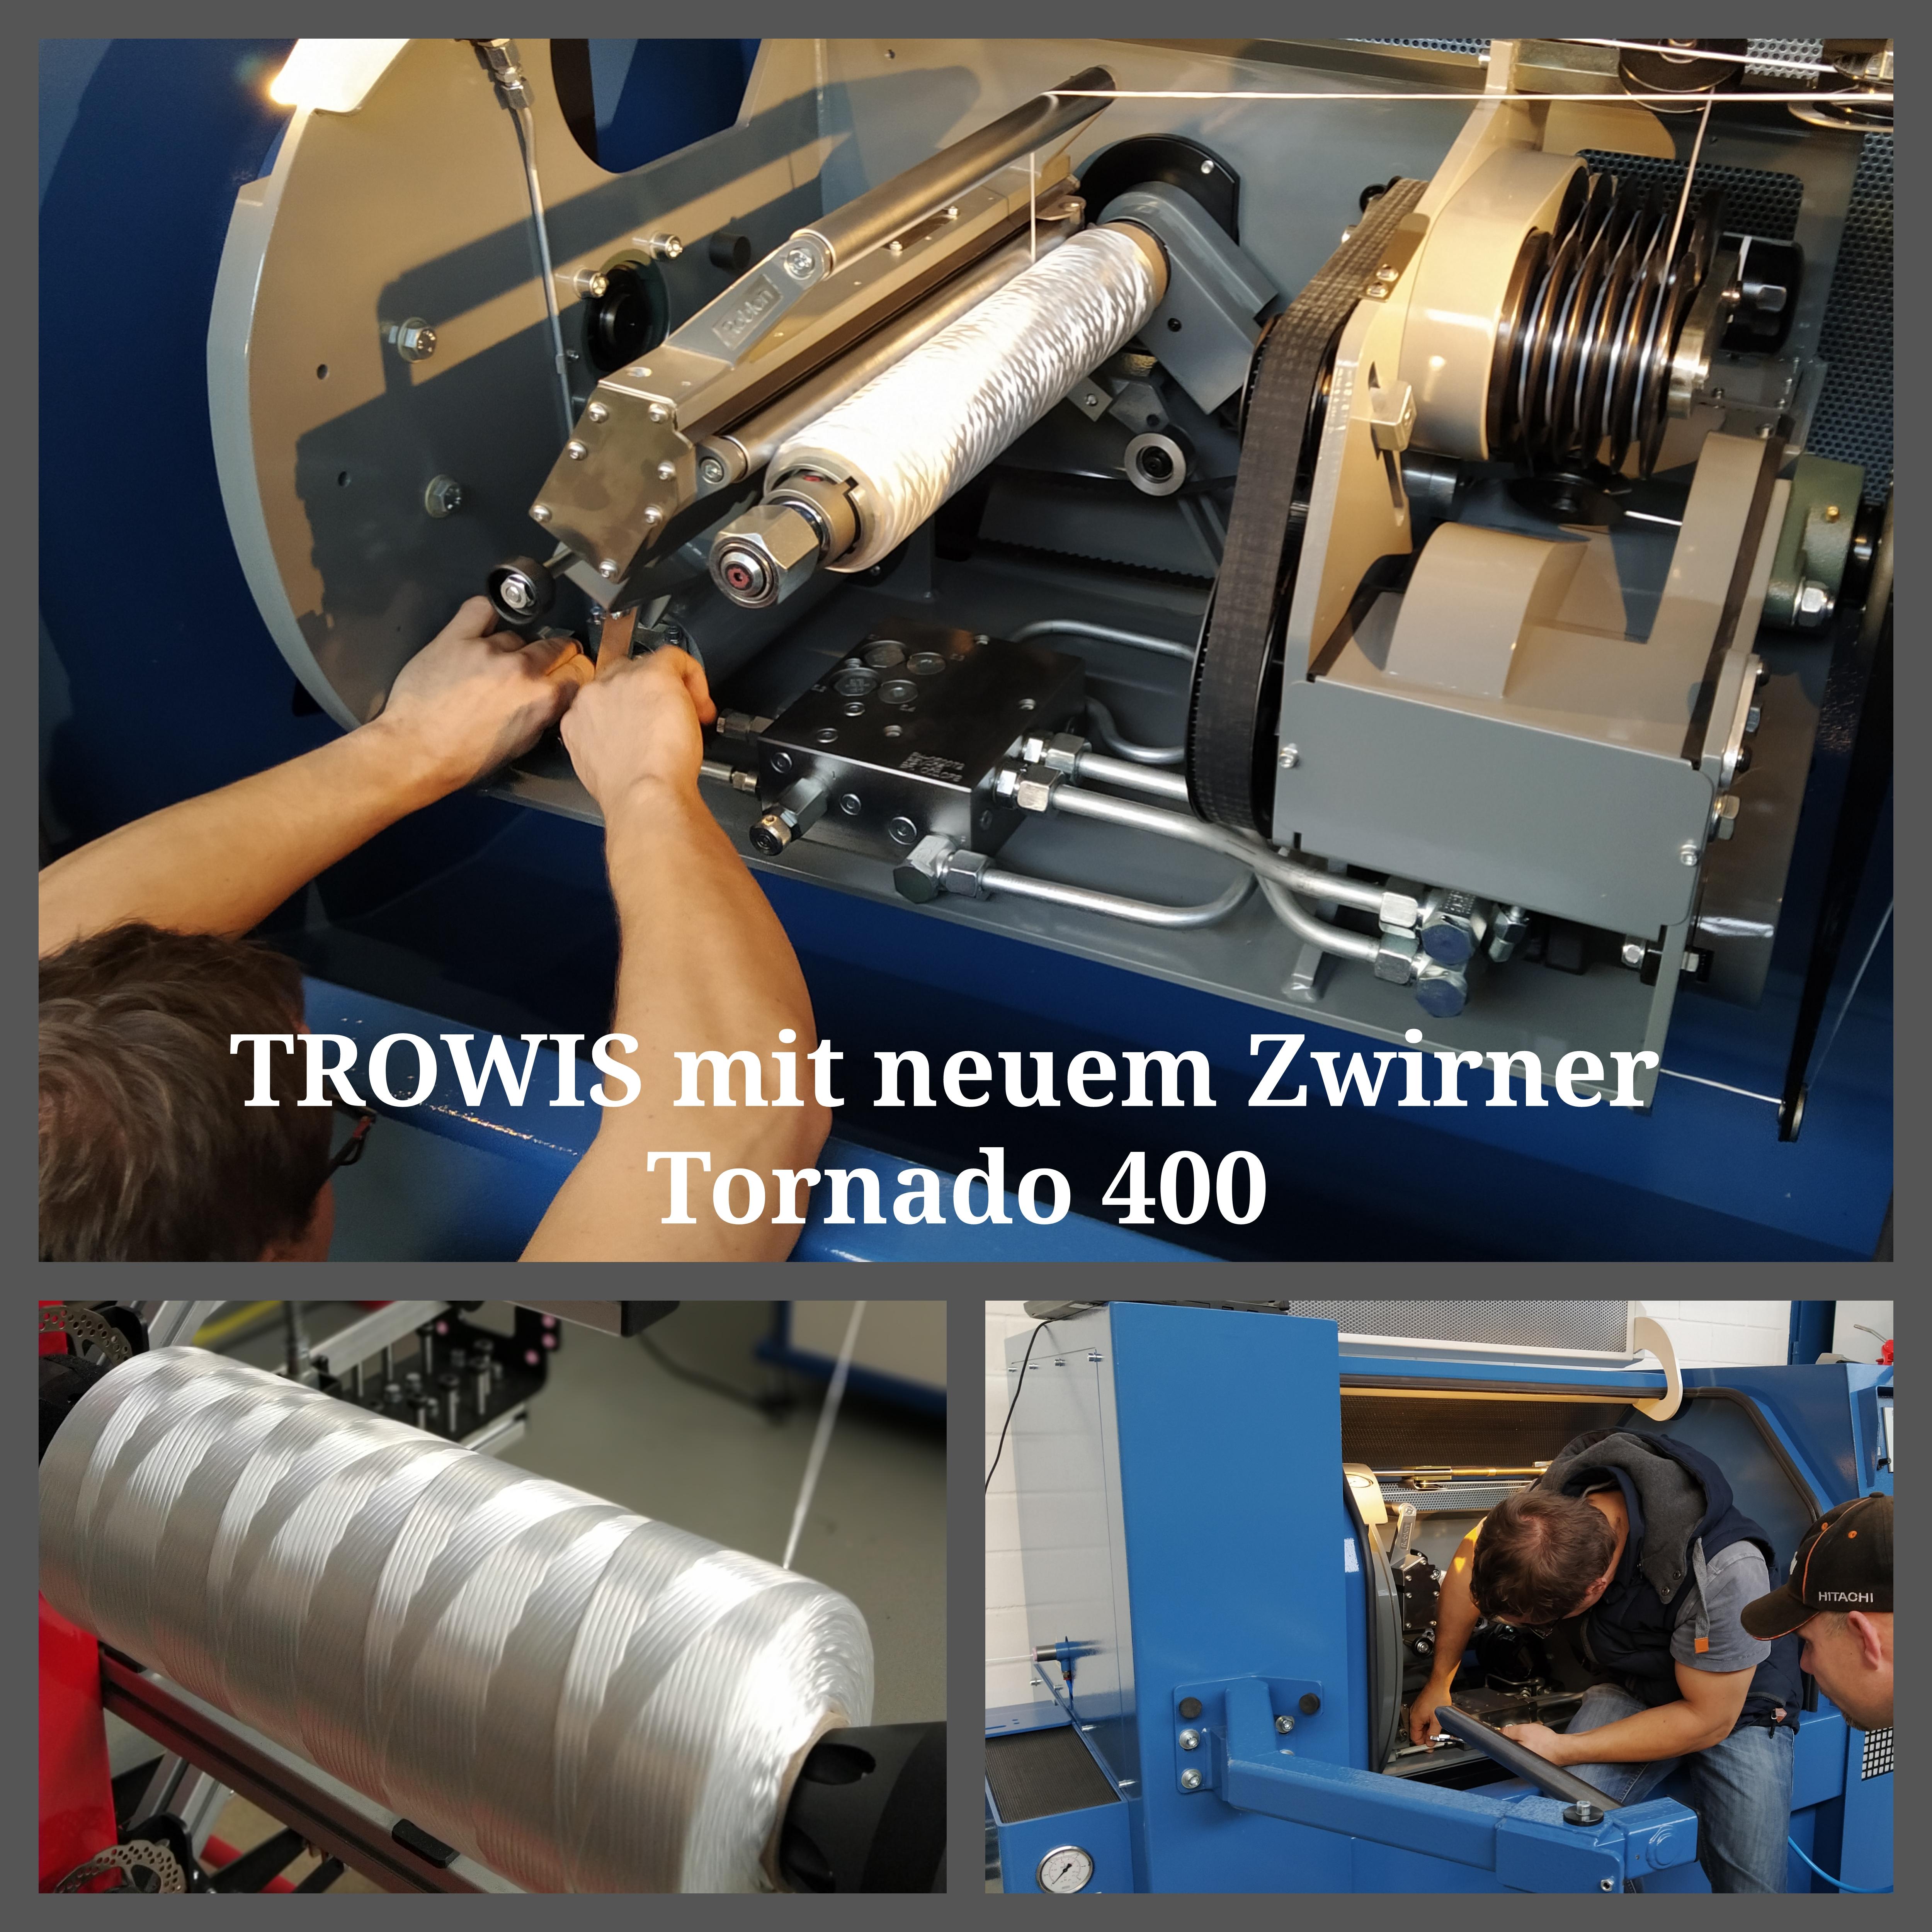 Der ROBLON Tornado 400: Unsere neuste Investition!